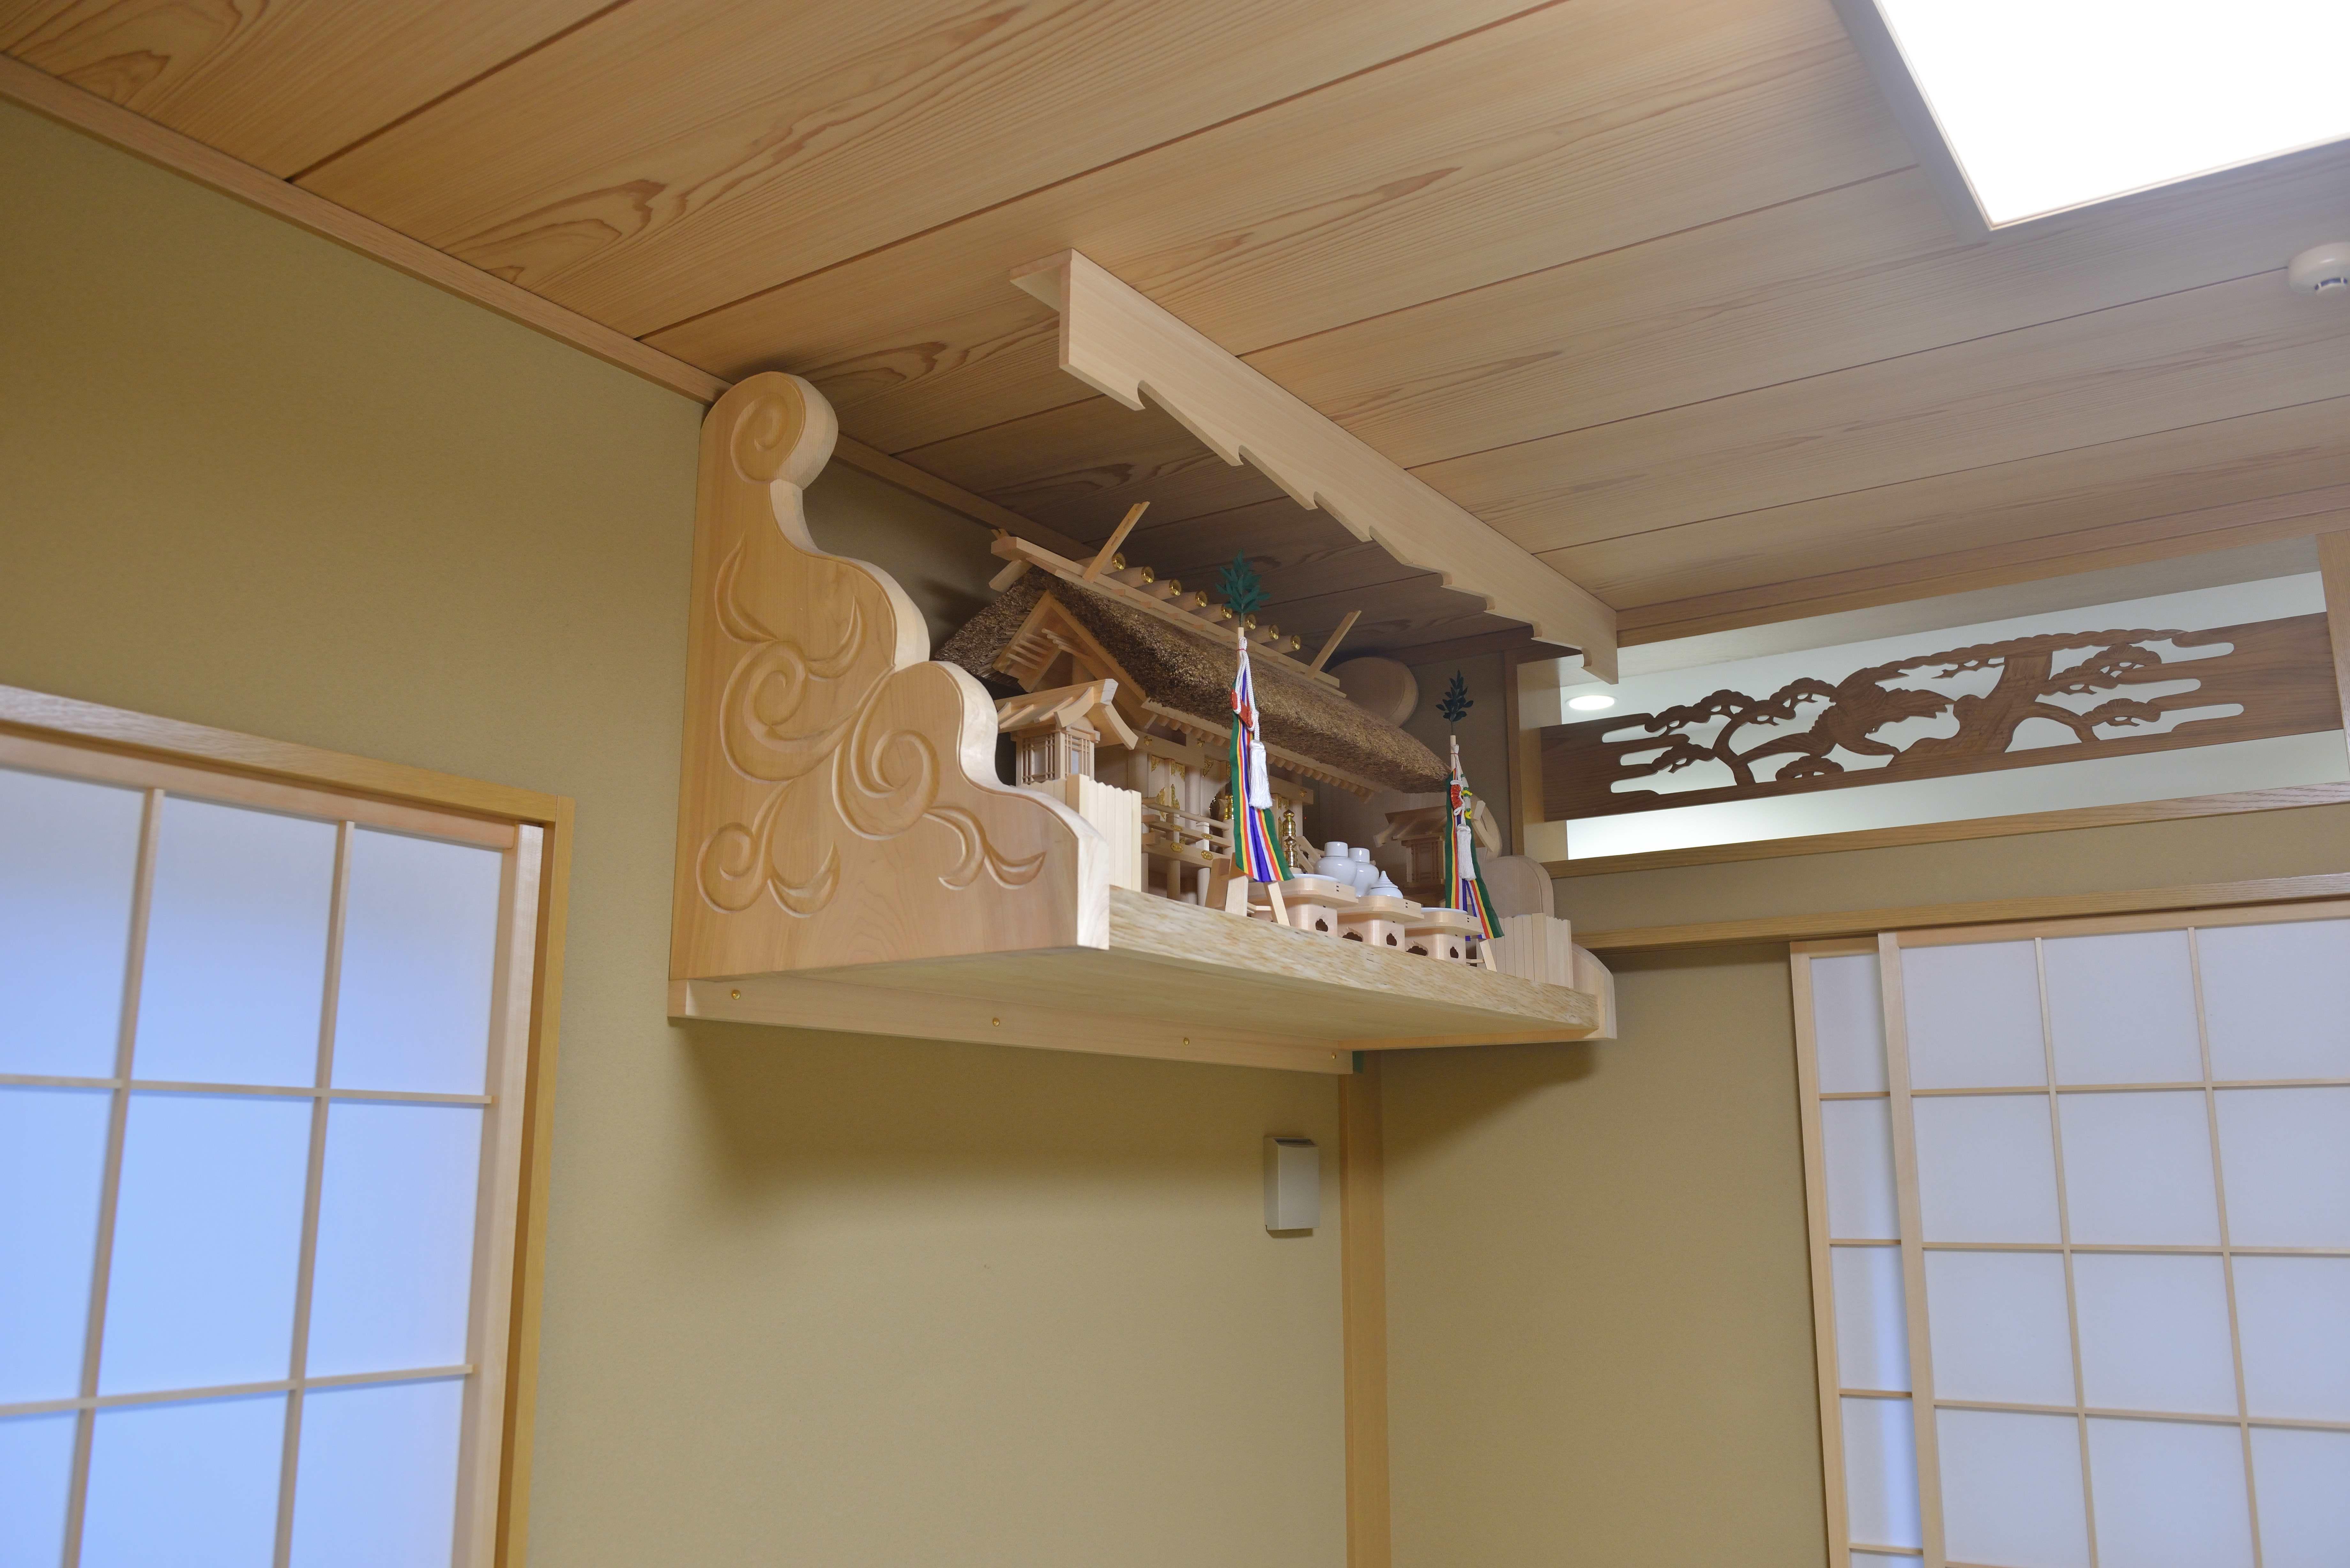 施工例20茅葺屋根通三社宮と彫刻付棚板